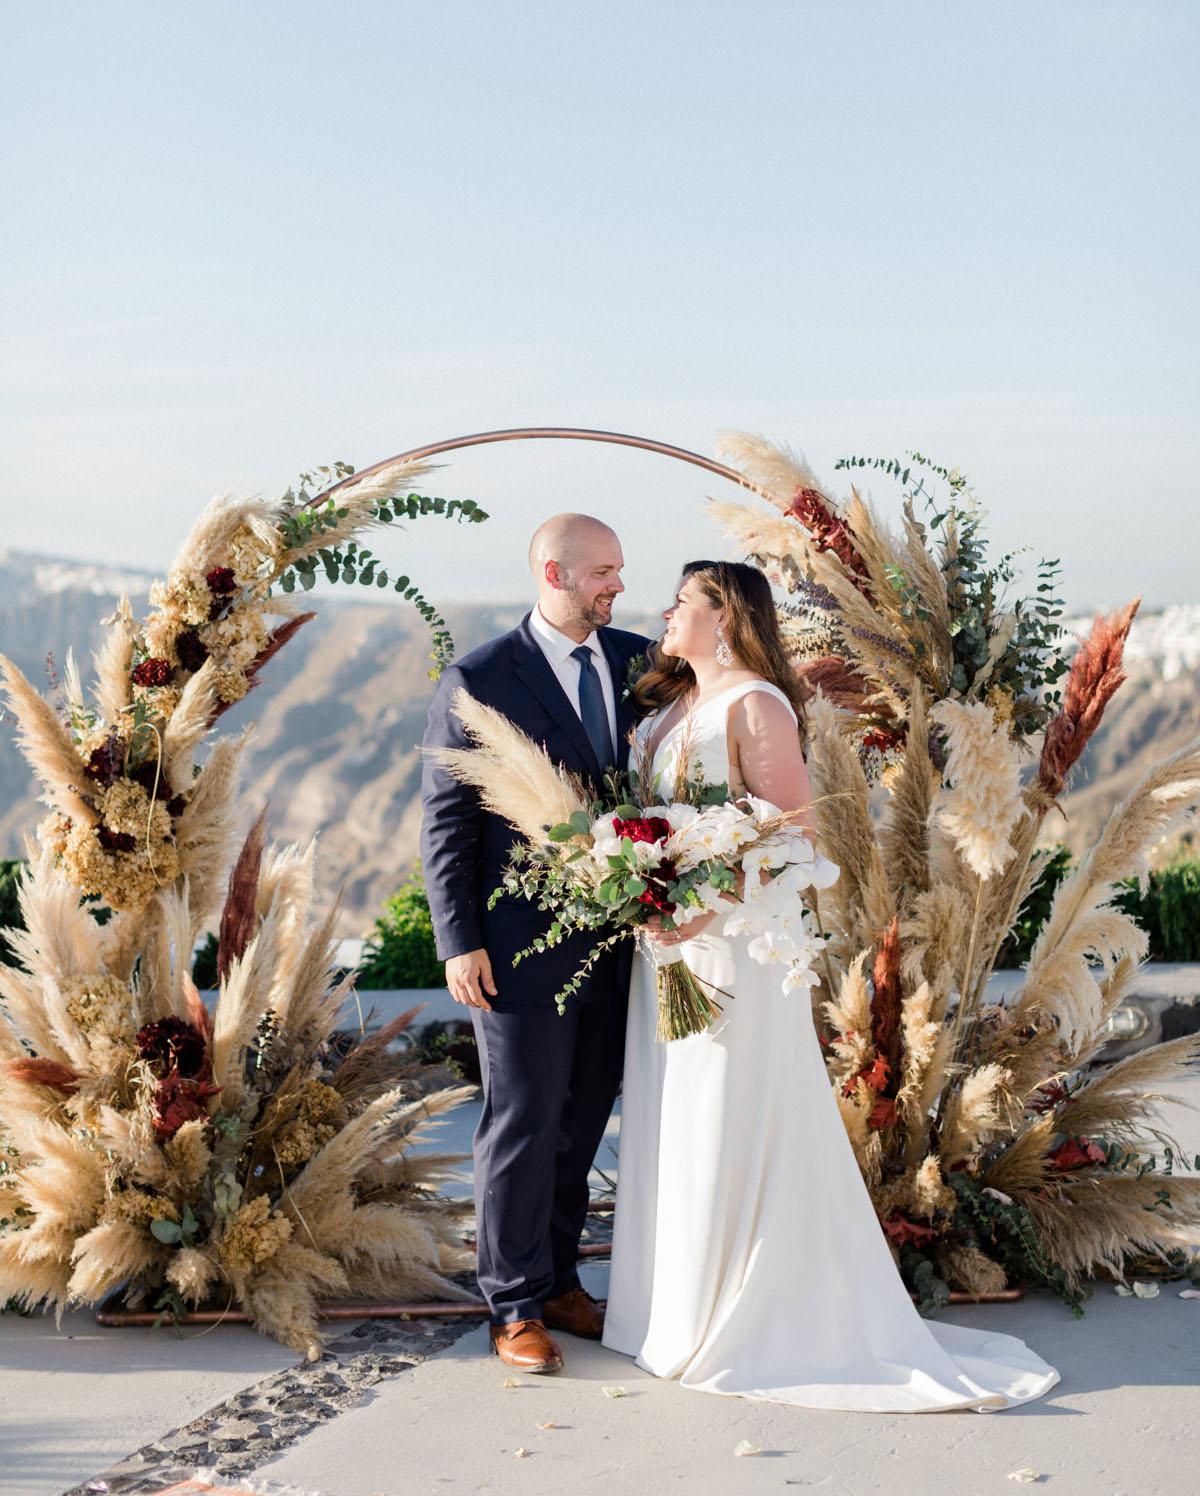 Bruidspaar voor trouwboog